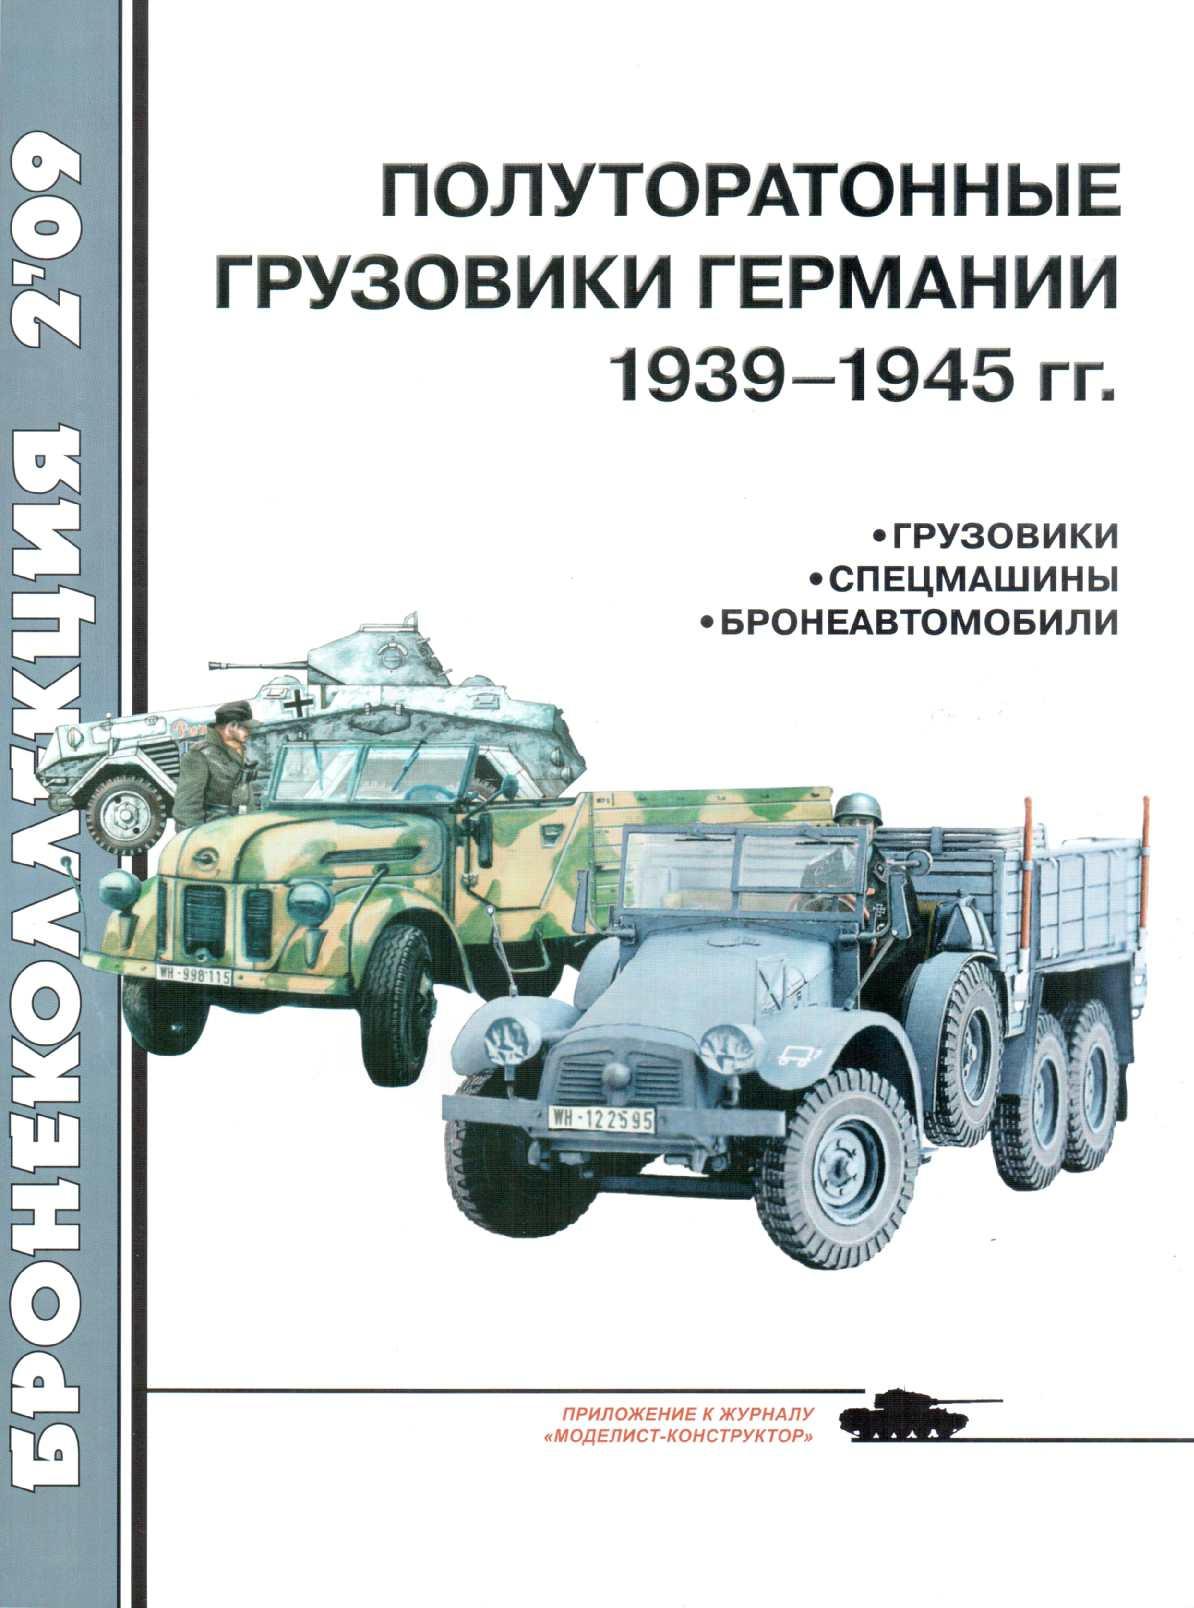 Полуторатонные грузовики Германии (1939-1945) / Л. Кащеев. - М. : Моделист - Конструктор, №2, 2009.